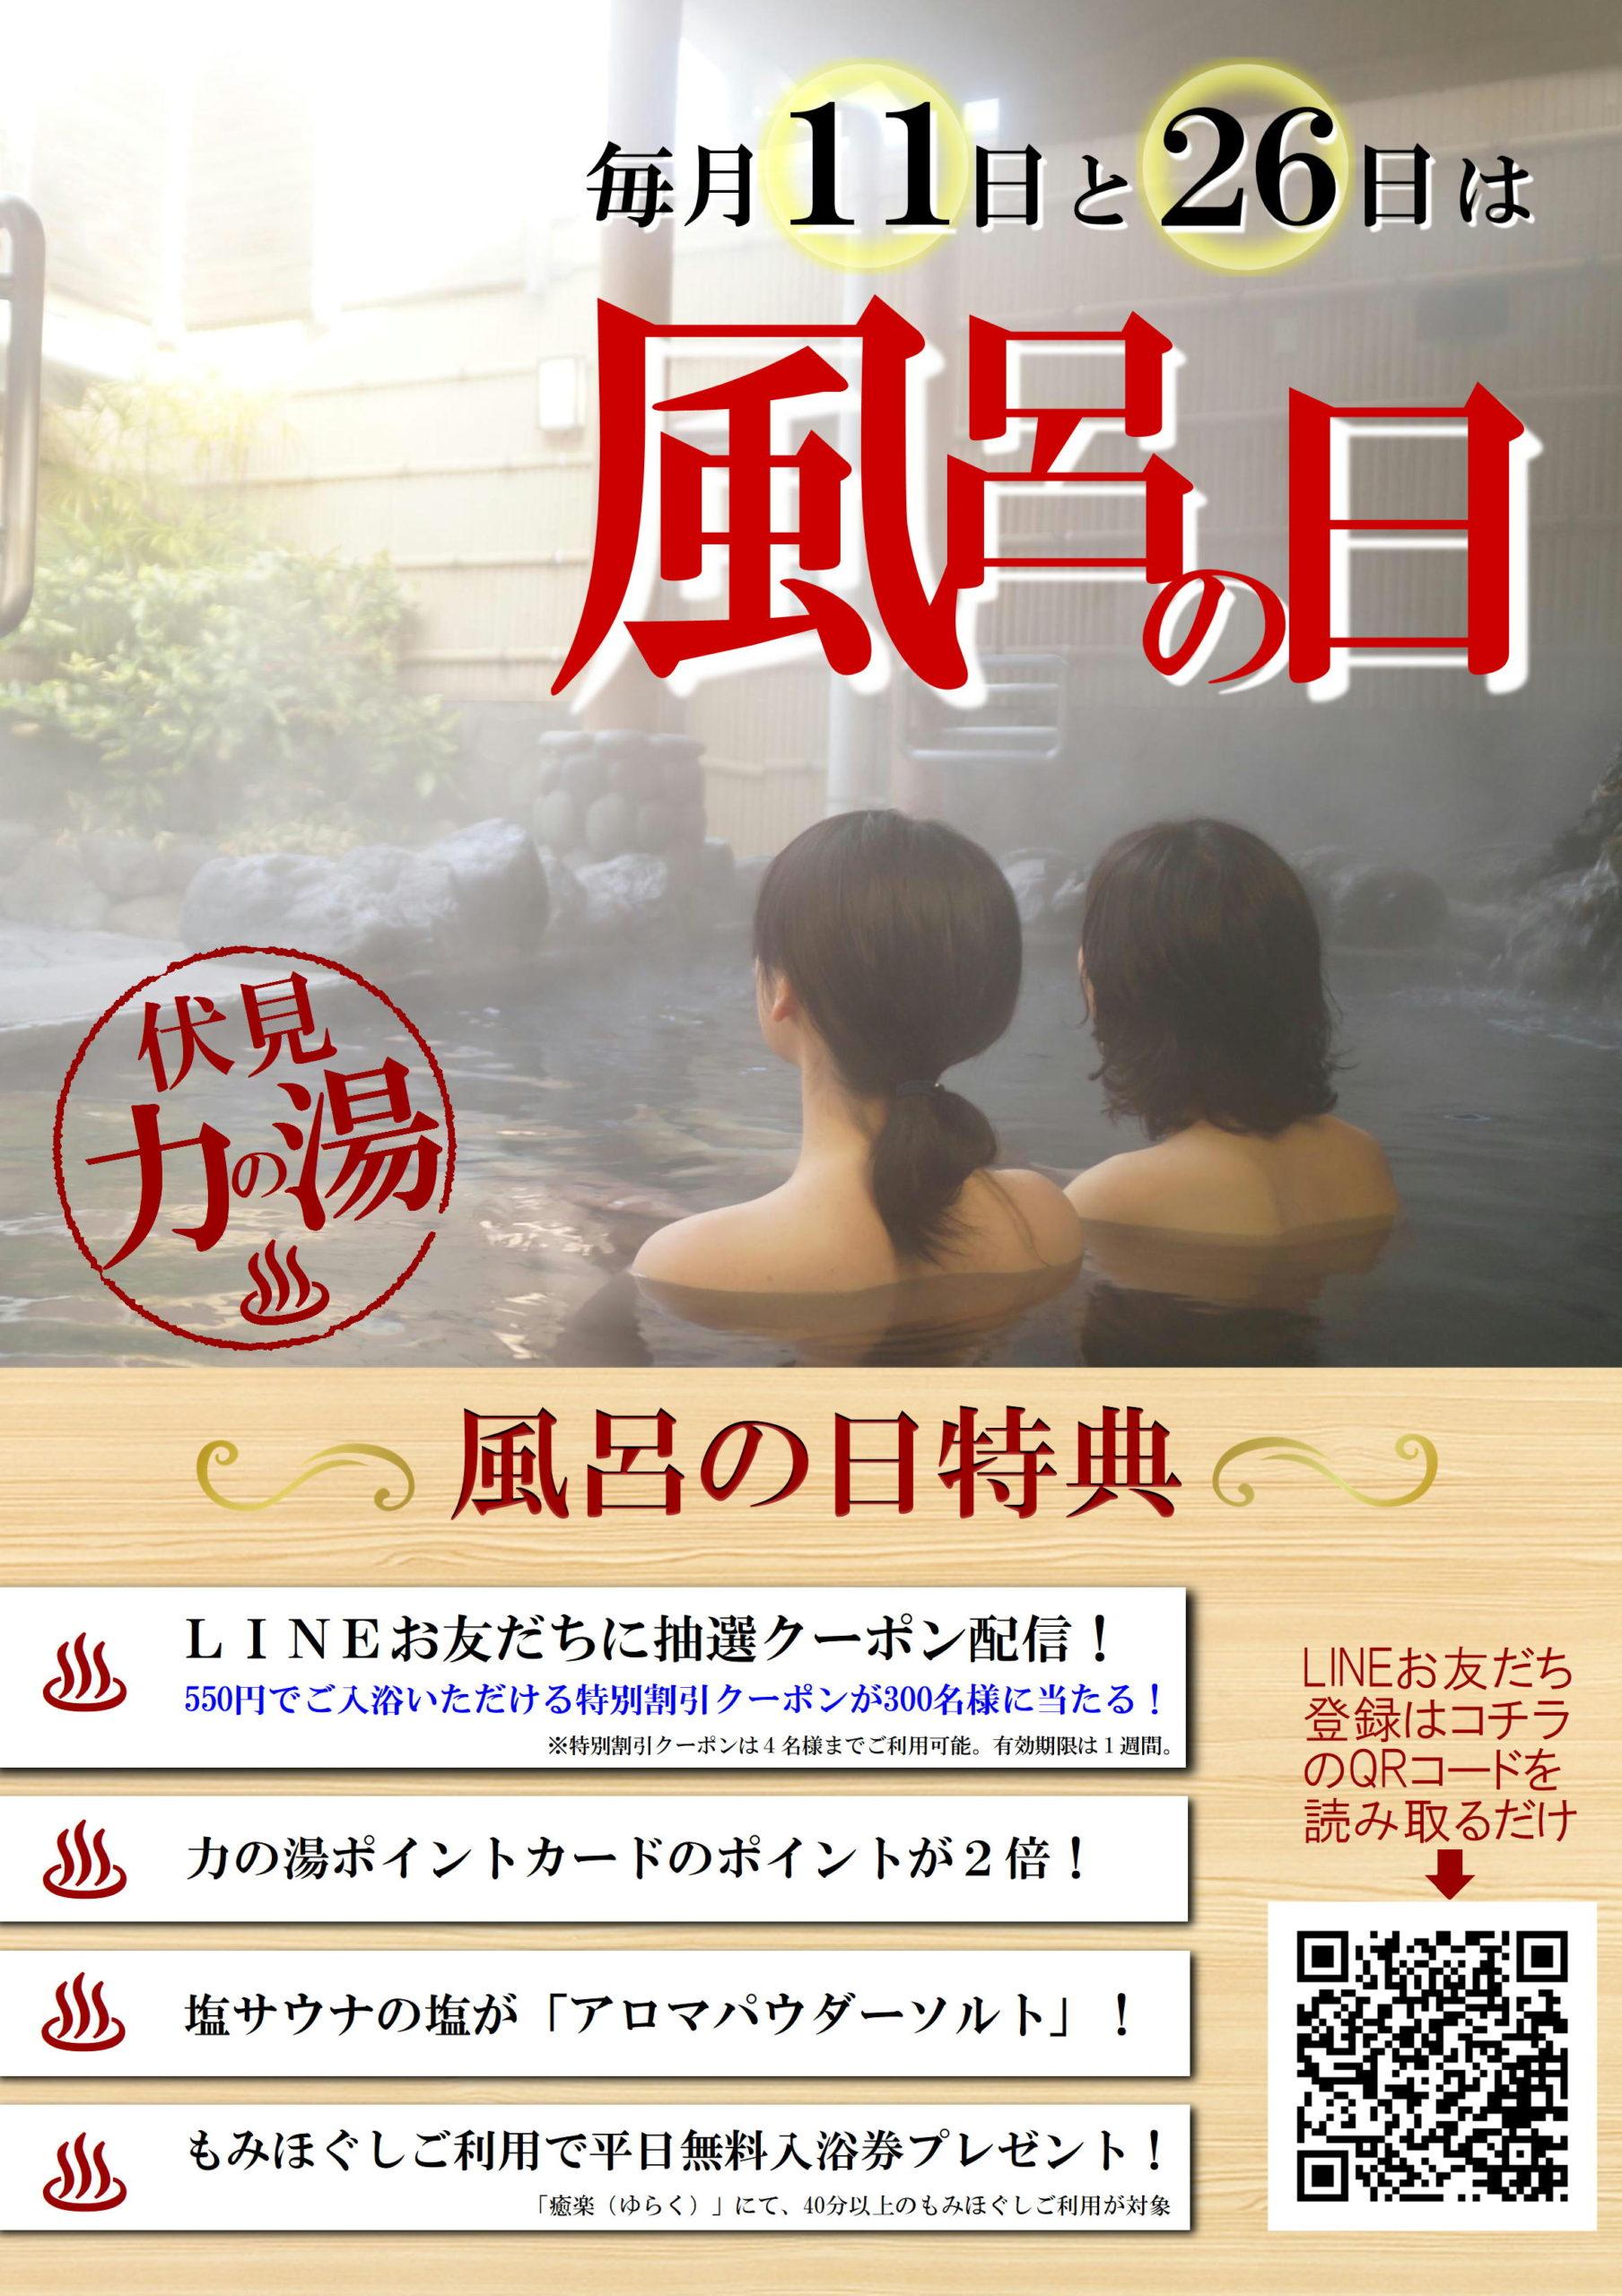 毎月11日と26日は『風呂の日』